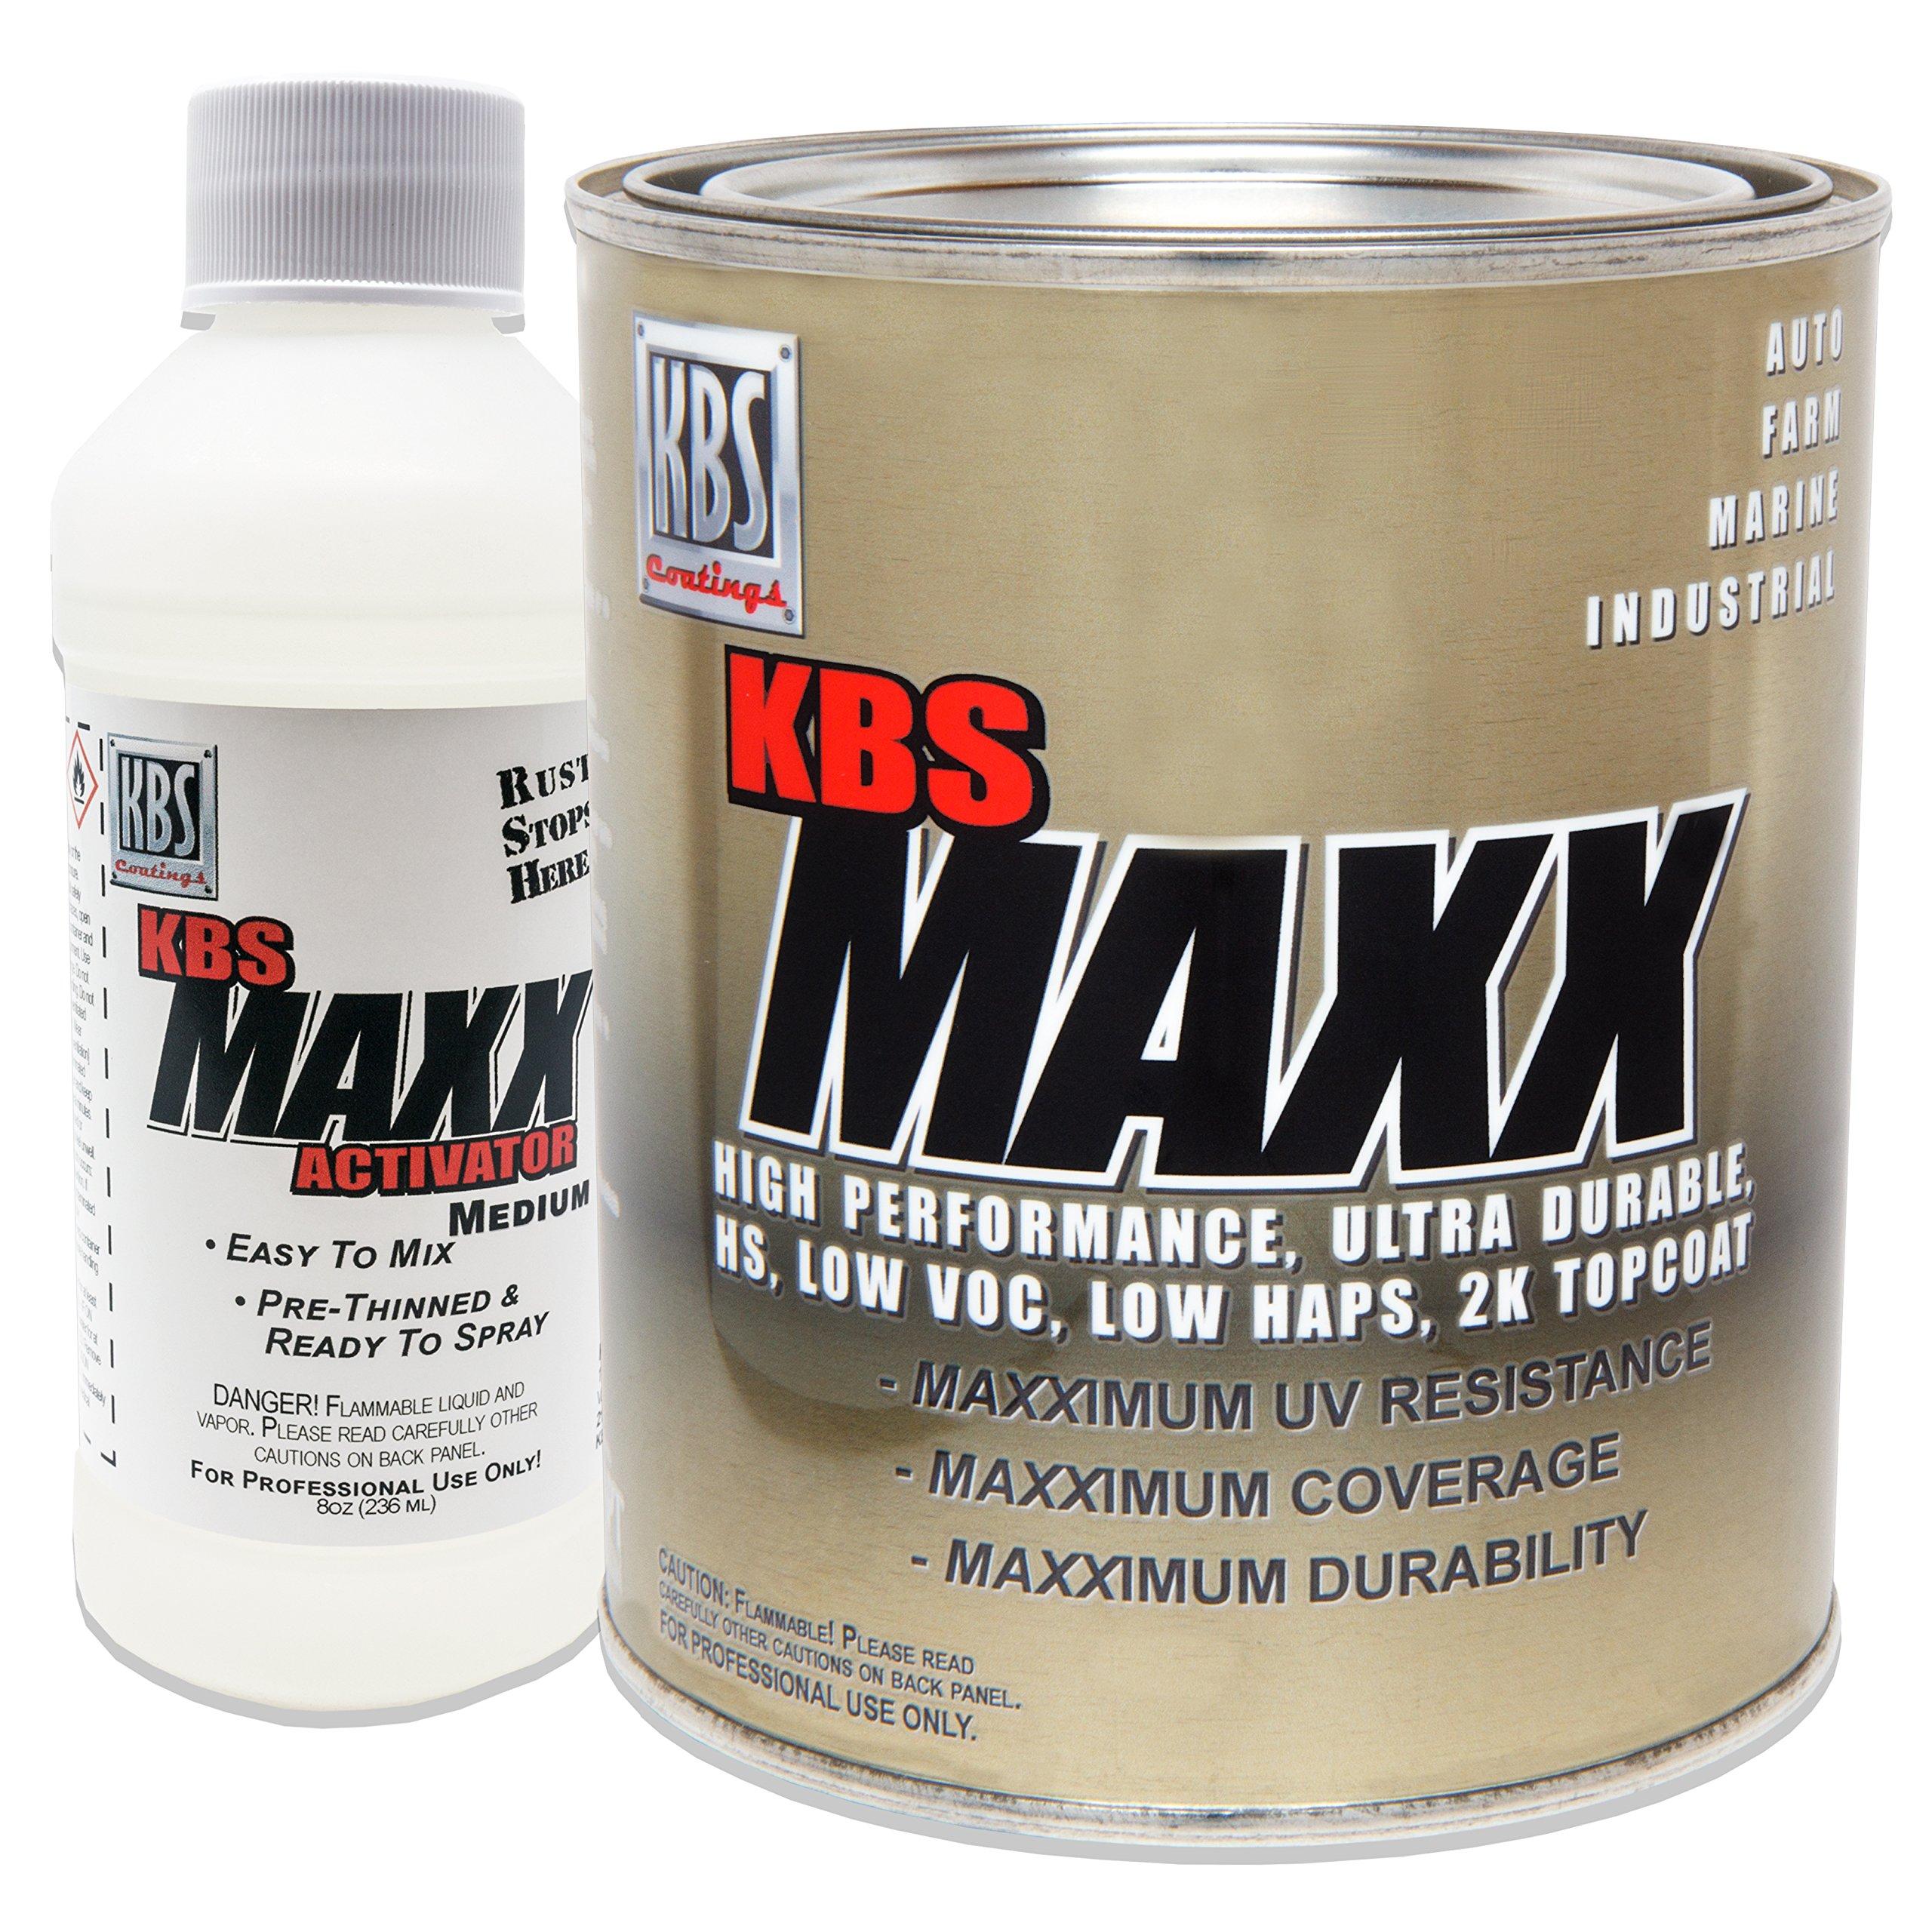 KBS Coatings 804208 Artic White MAXX Med Activator - 1 Quart